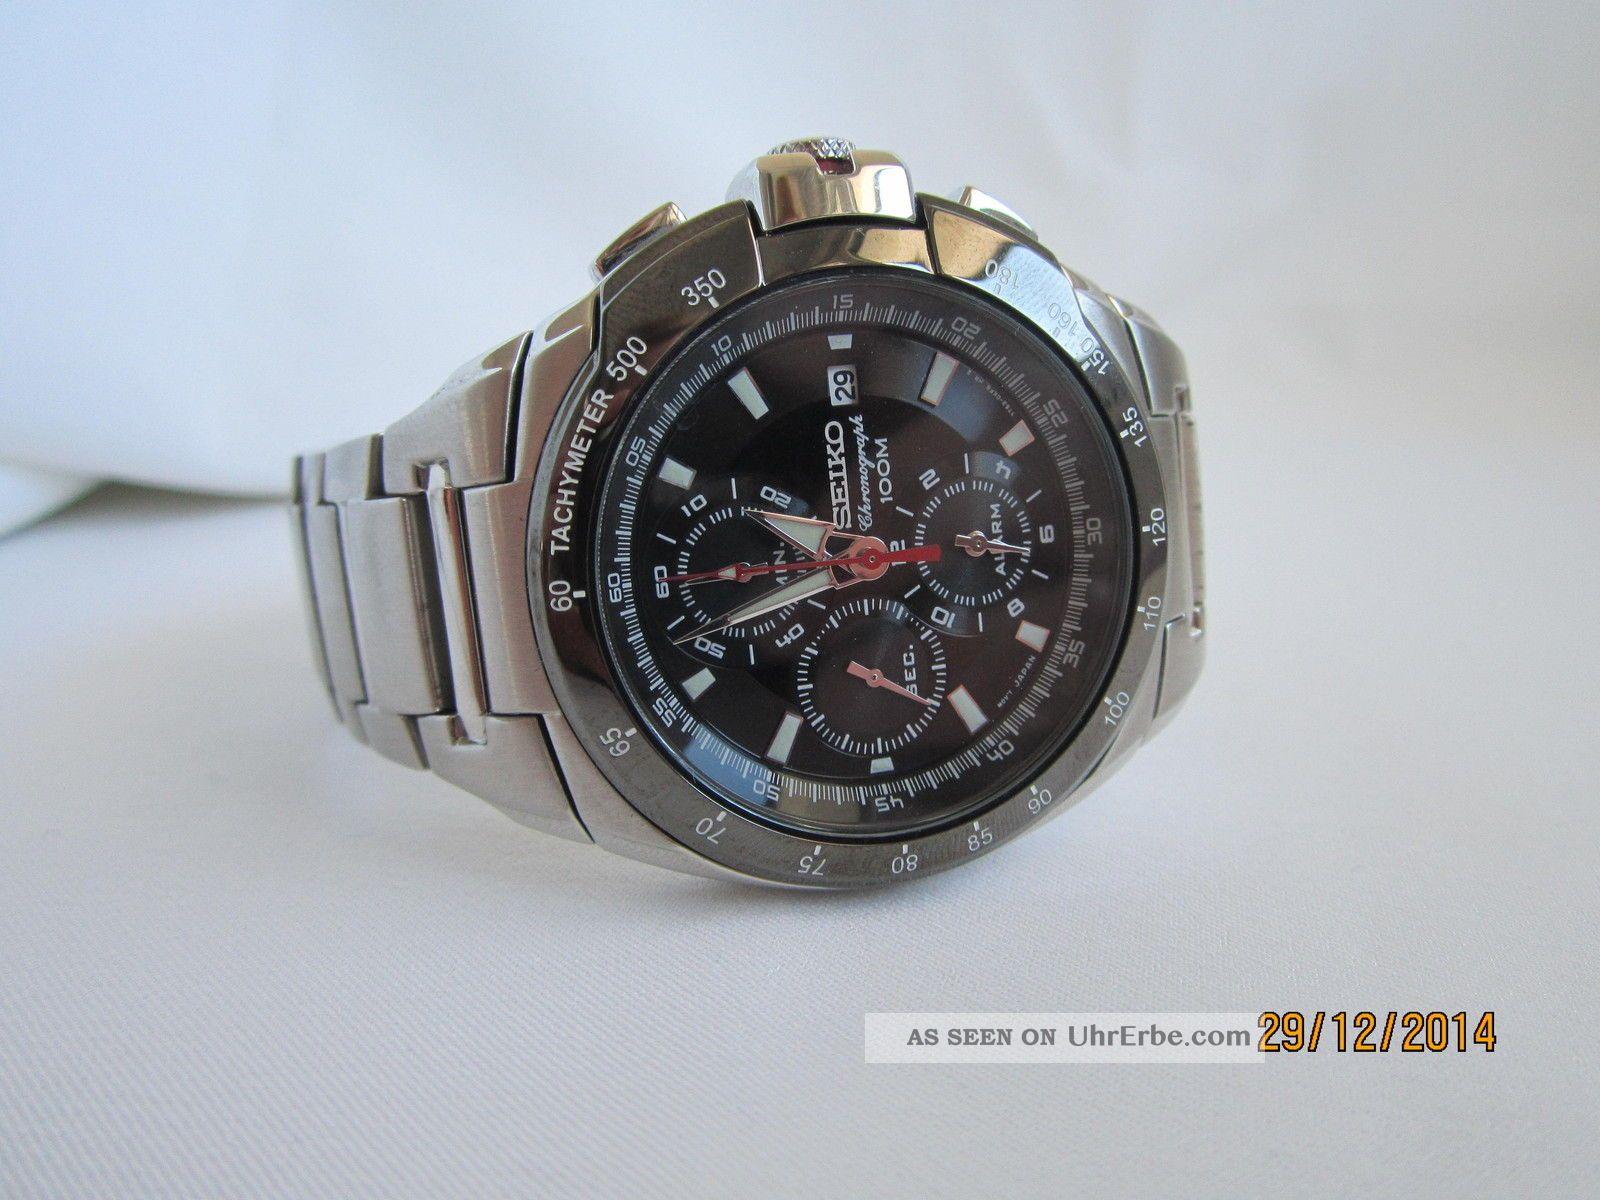 Seiko Chronograph 100m Armbanduhren Bild